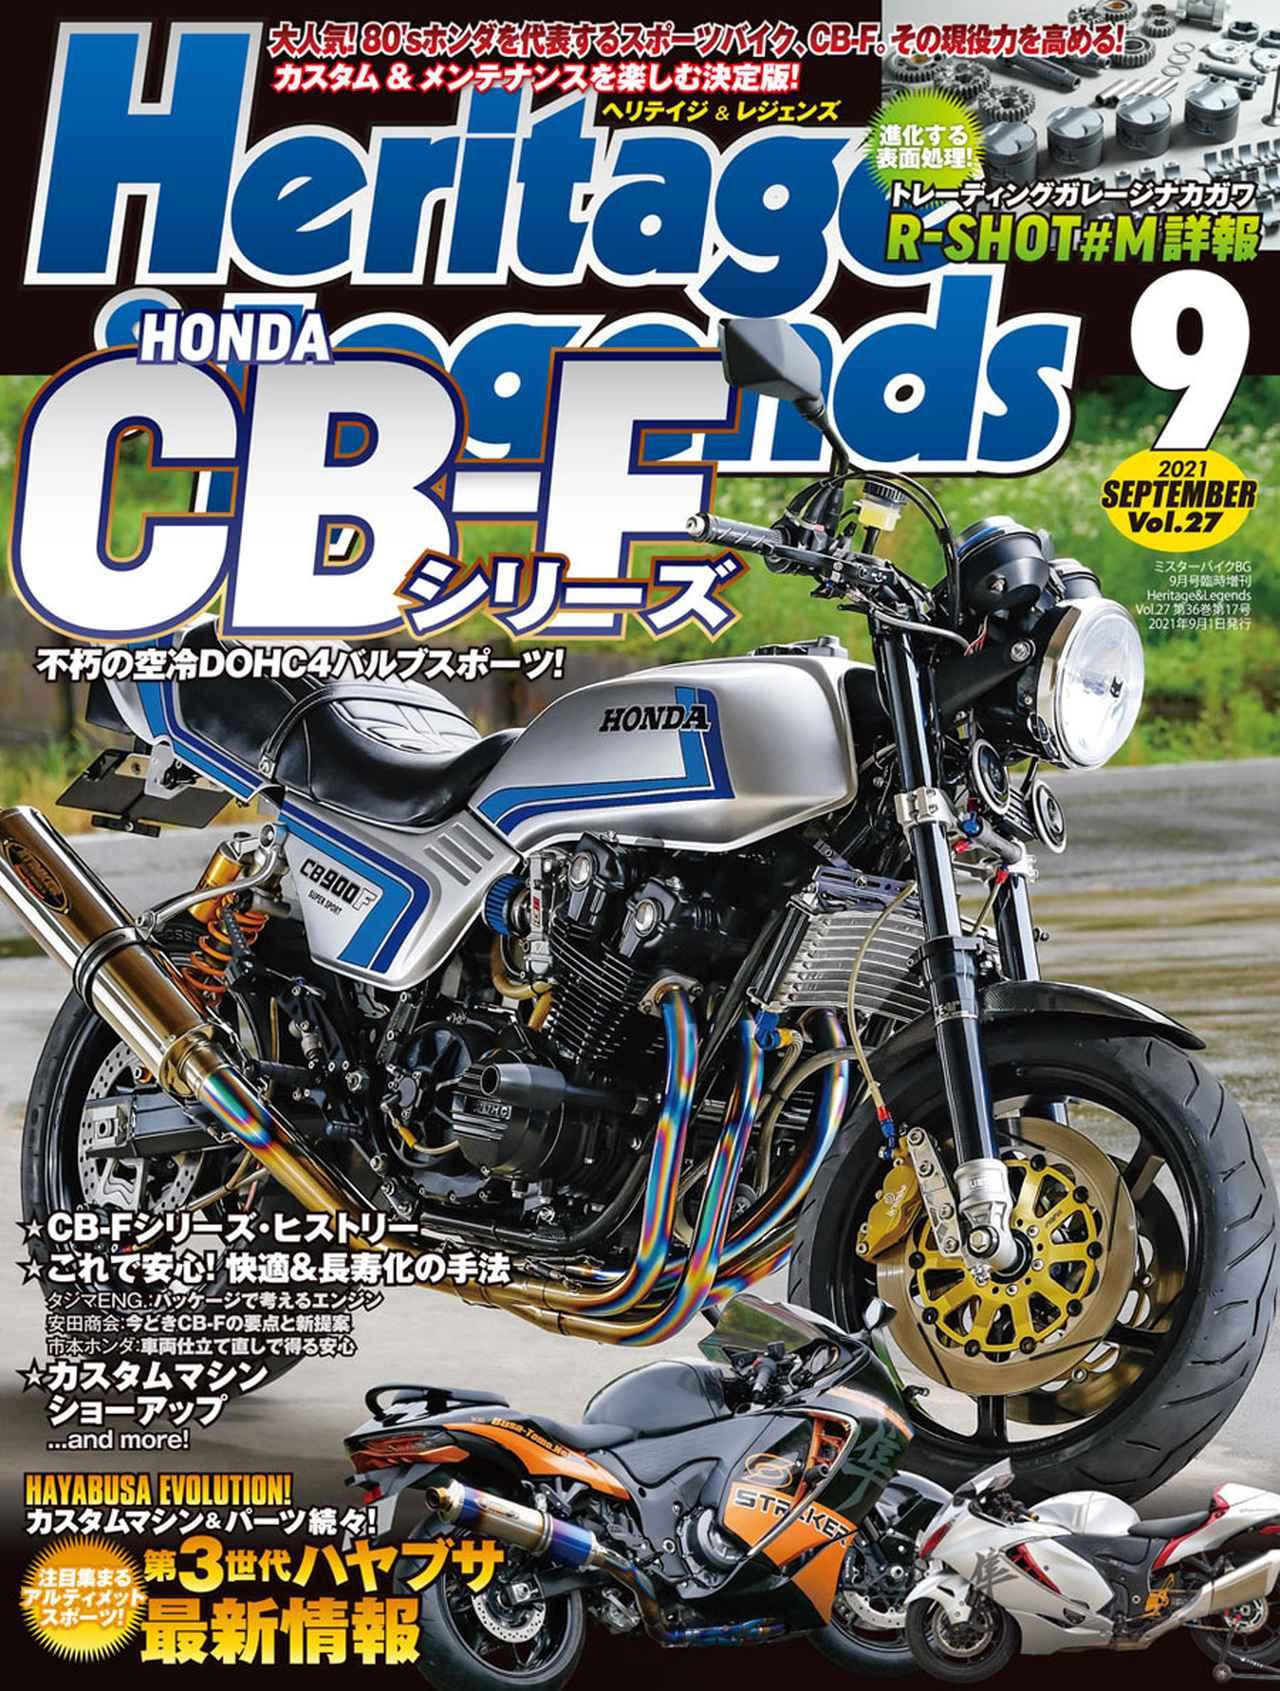 画像: 月刊『ヘリテイジ&レジェンズ』2021年9月号(Vol.27)好評発売中!| ヘリテイジ&レジェンズ|Heritage& Legends